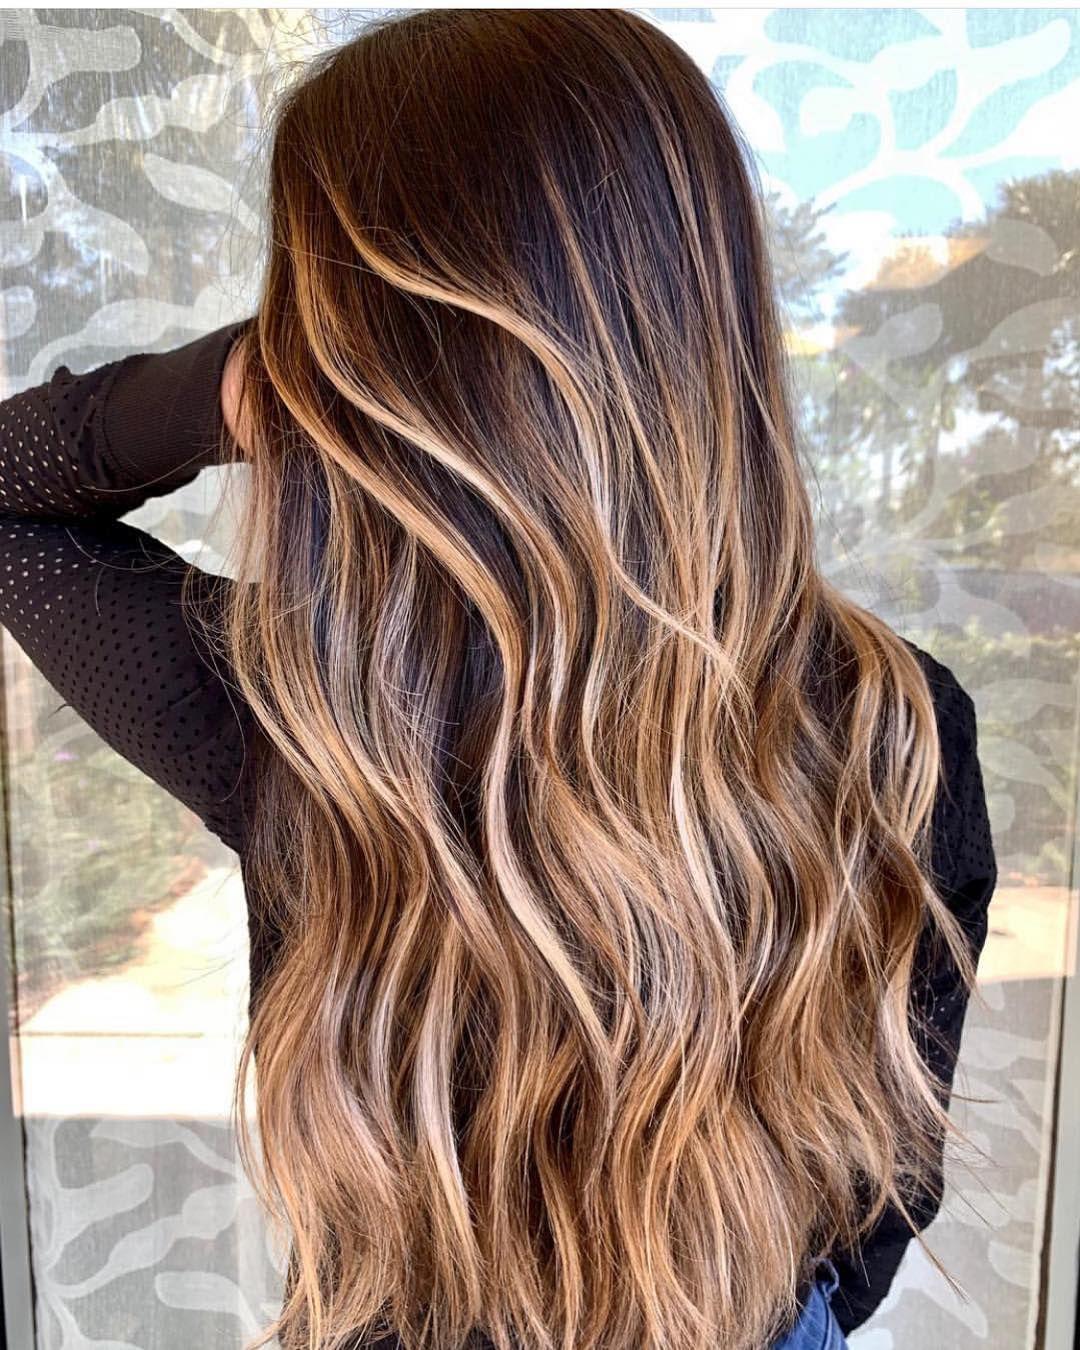 Sehr schöne natürliche Haarfarbe, die jede Frau toll